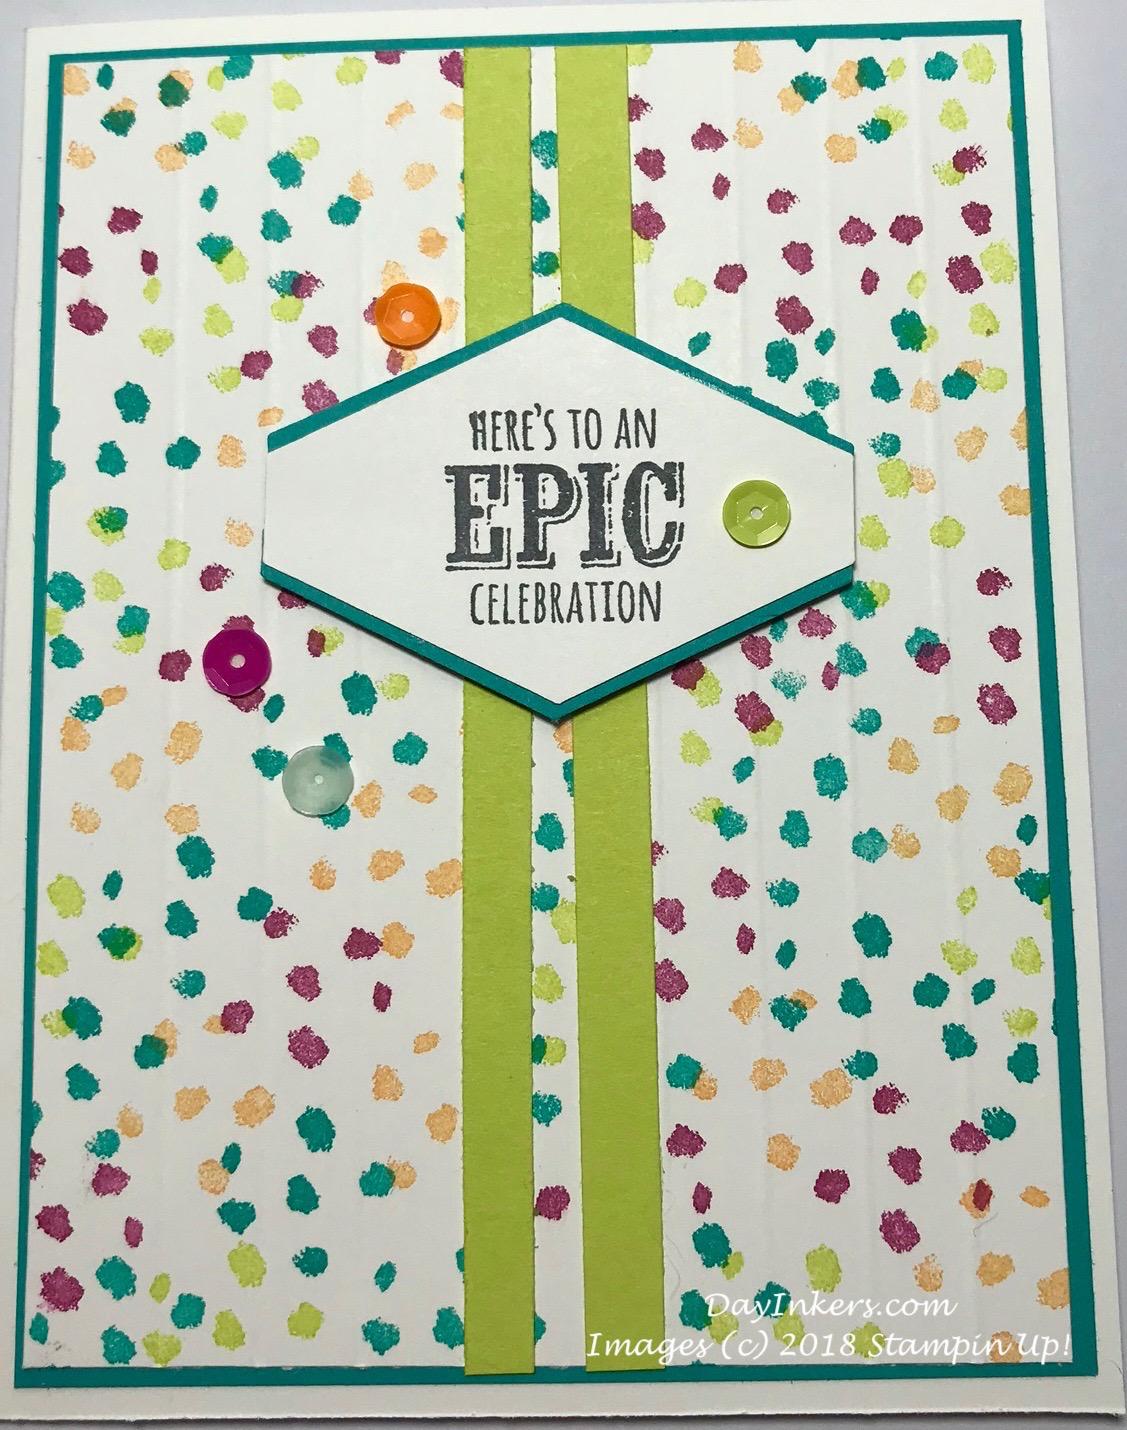 Epic Celebration - Whipped up